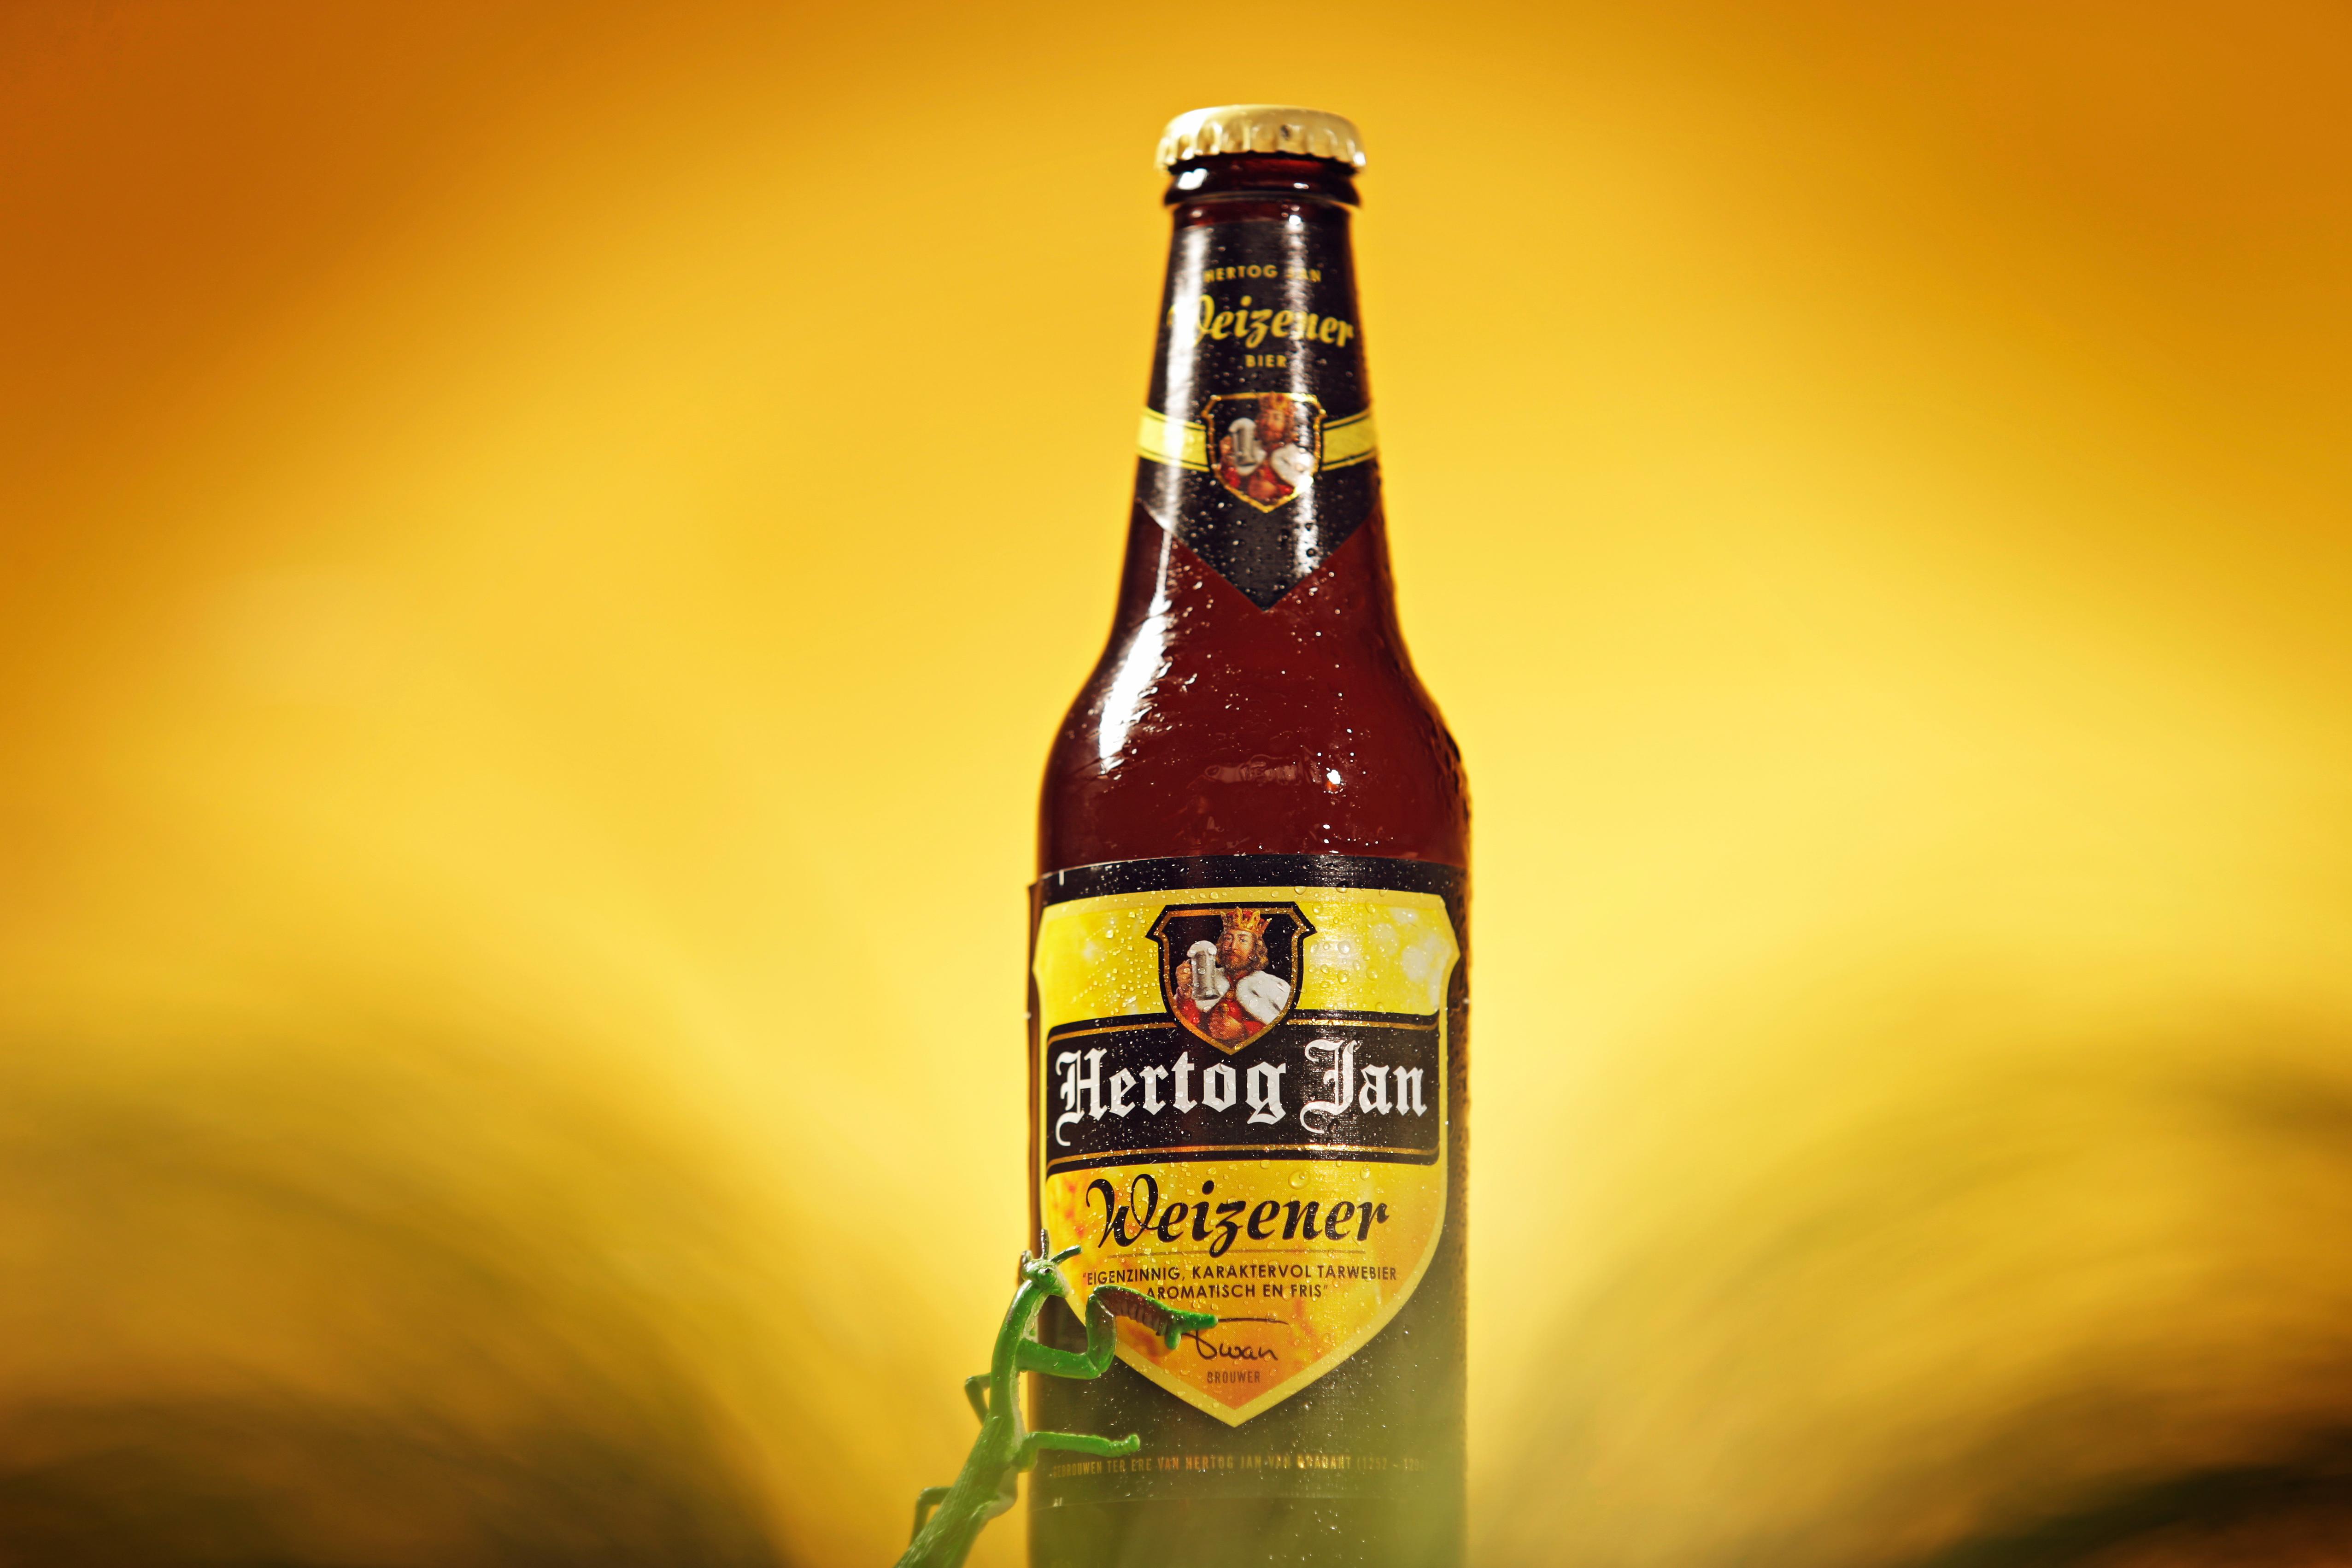 Bekend Dit bier drinken uw gasten in de zomer van 2017 GS-72